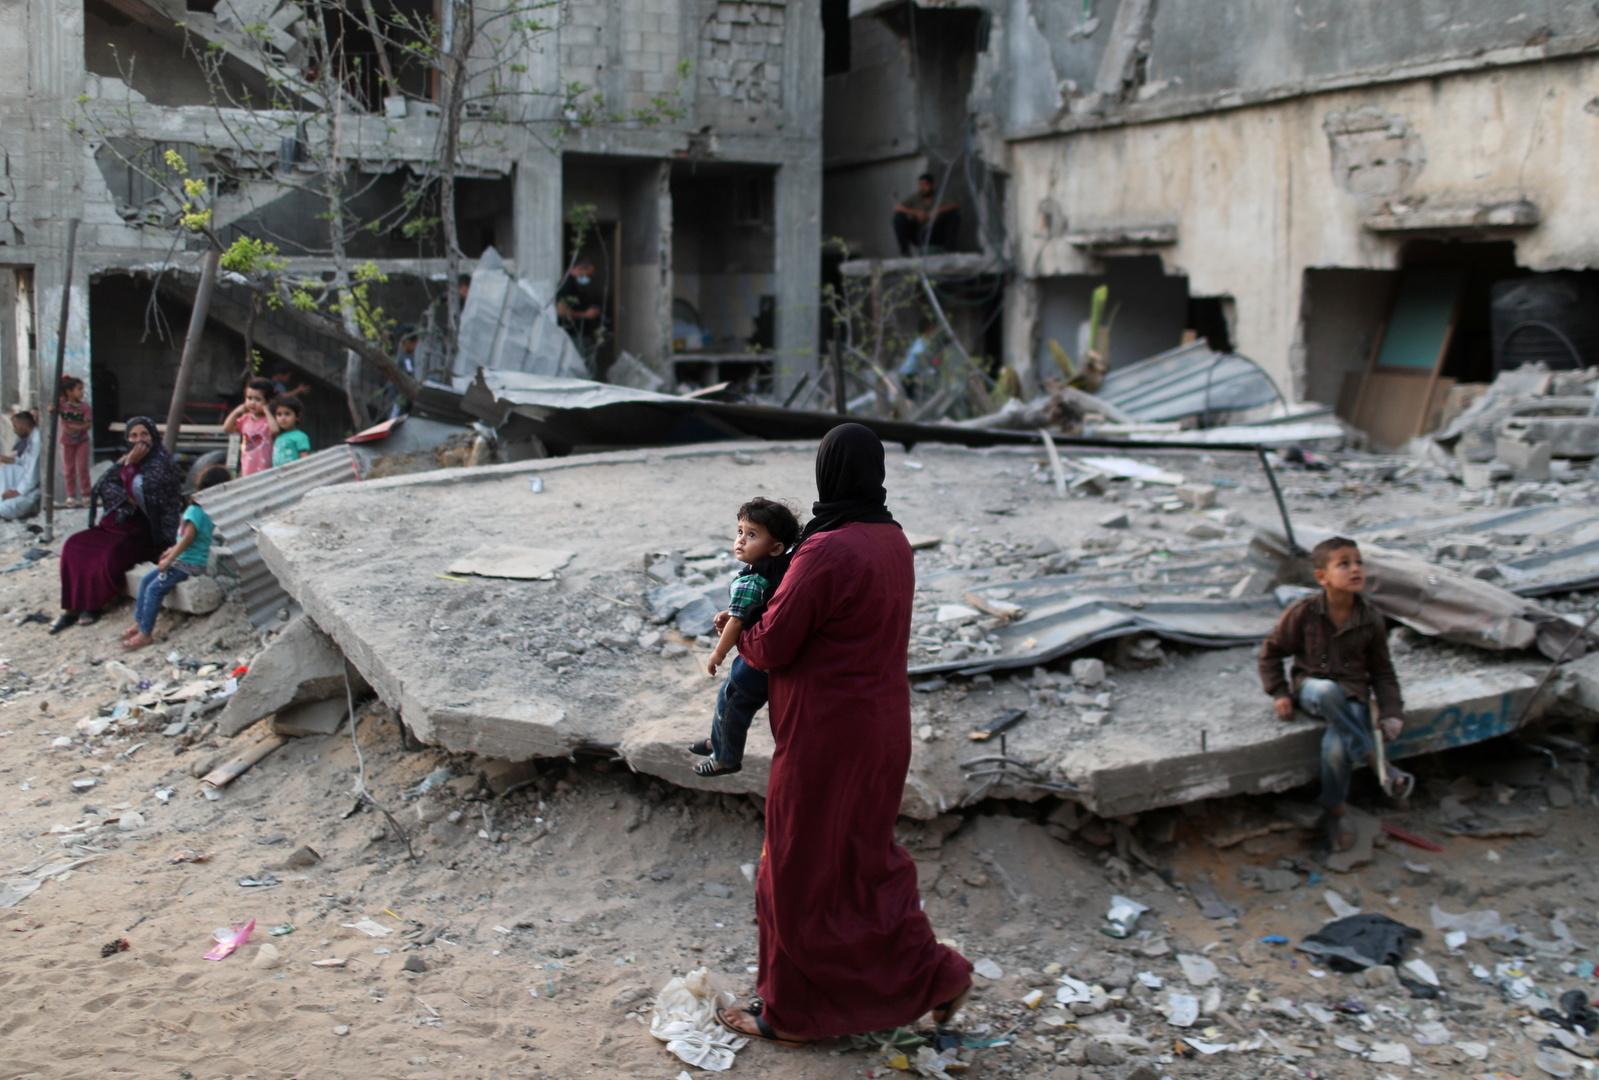 الصحة العالمية تحذر بأن 200 ألف شخص في قطاع غزة بحاجة إلى مساعدة صحية